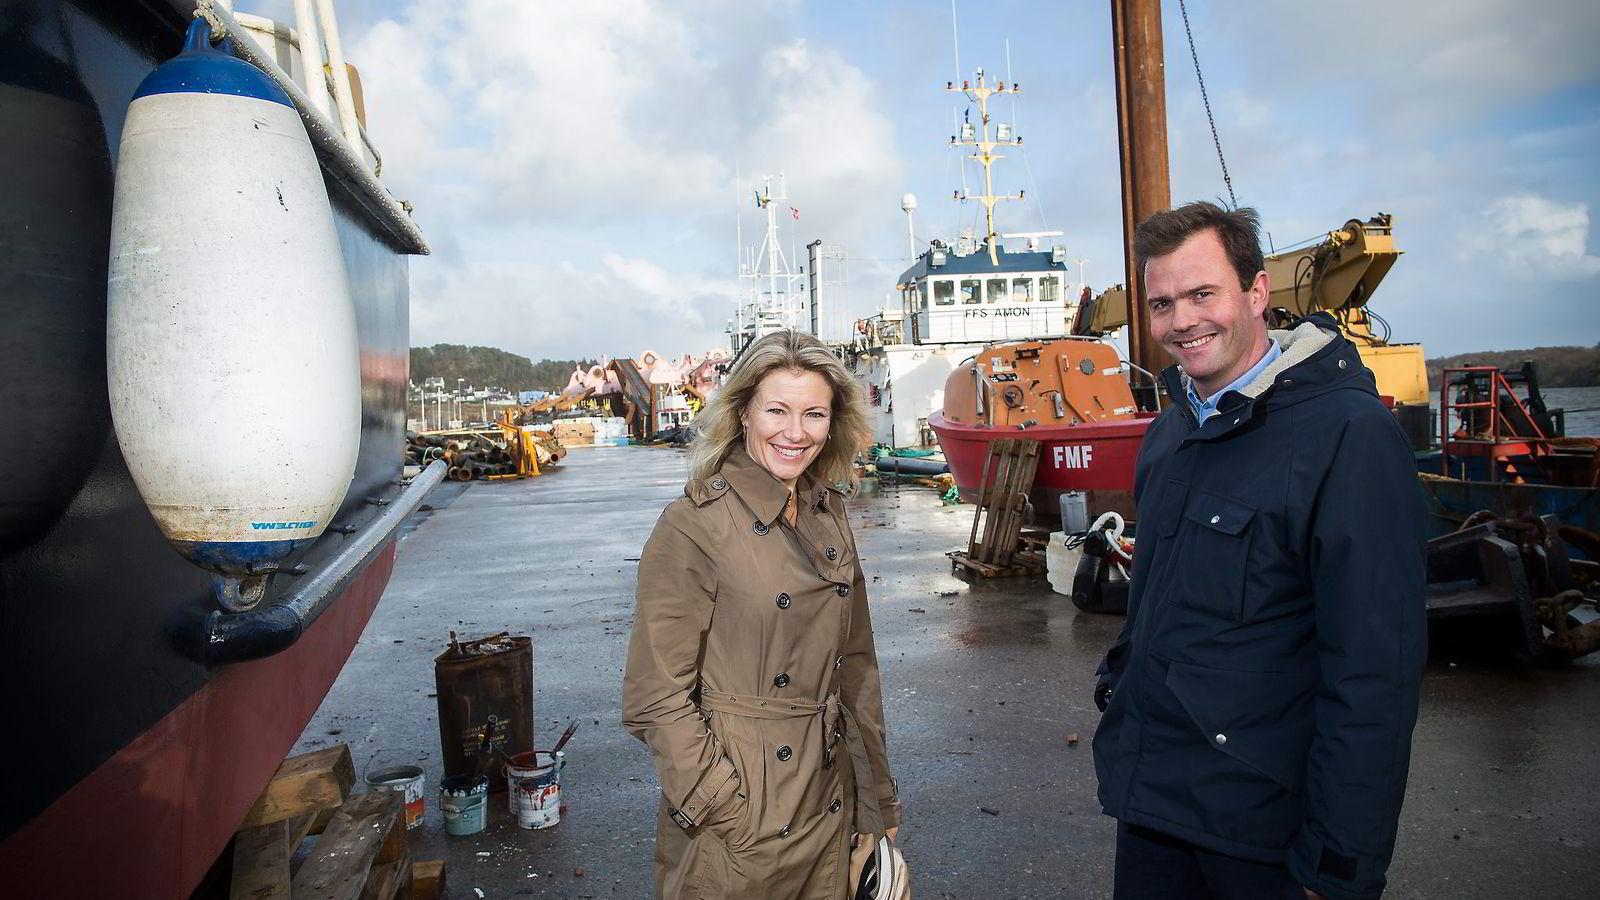 Zero-leder Marius Holm er uenig med andre miljøorganisasjoner om havvindprosjektet på Siragrunnen. Her sammen med Siri Kalvig, som også støtter prosjektet. Foto: Sondre Steen Holvik